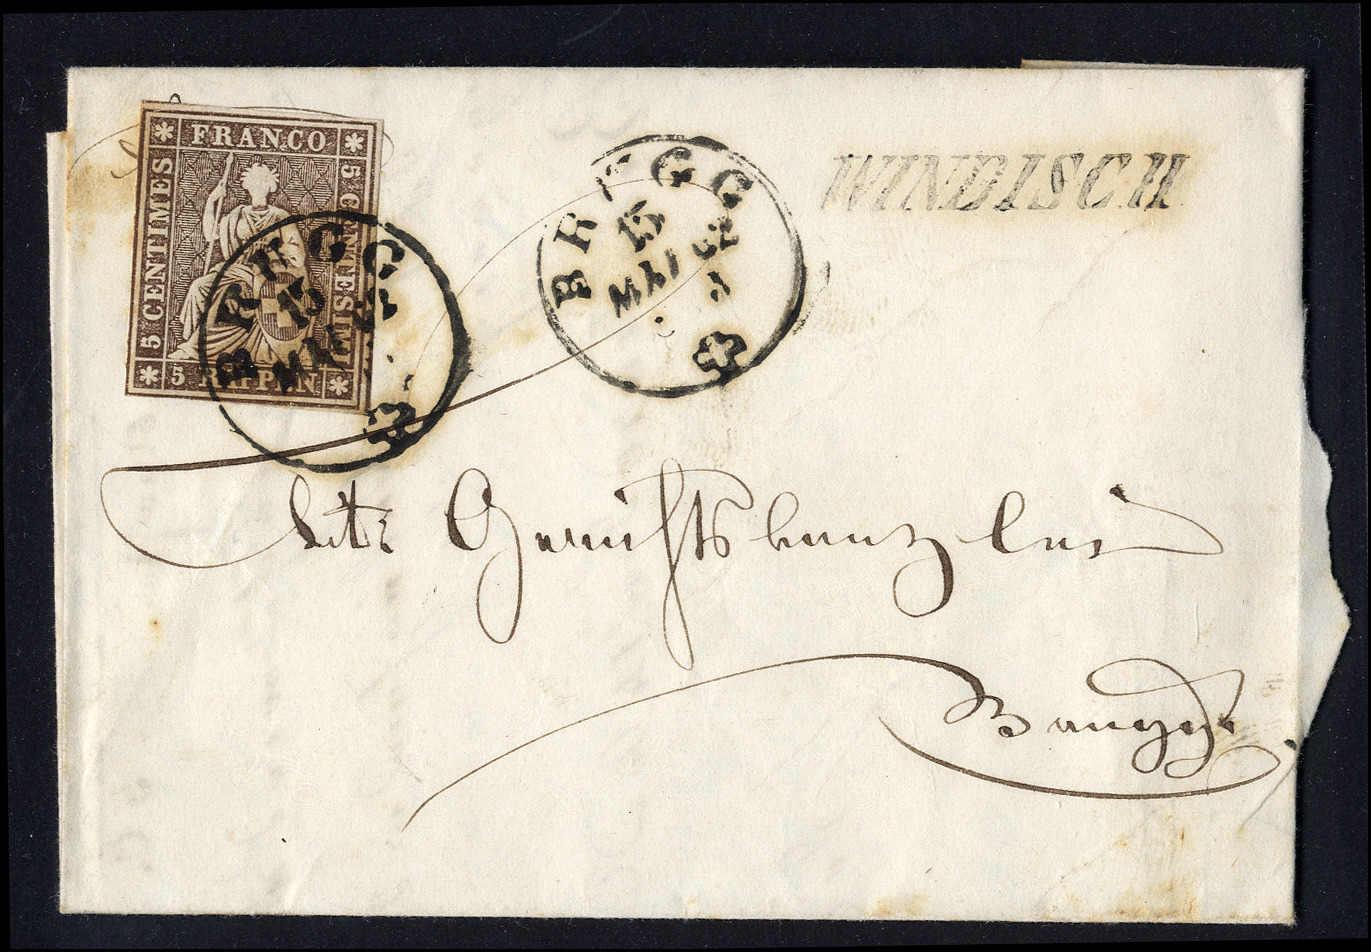 Lot 78 - sammlungen und posten sammlungen und posten altschweiz -  Rolli Auctions Auction #68 Day 1